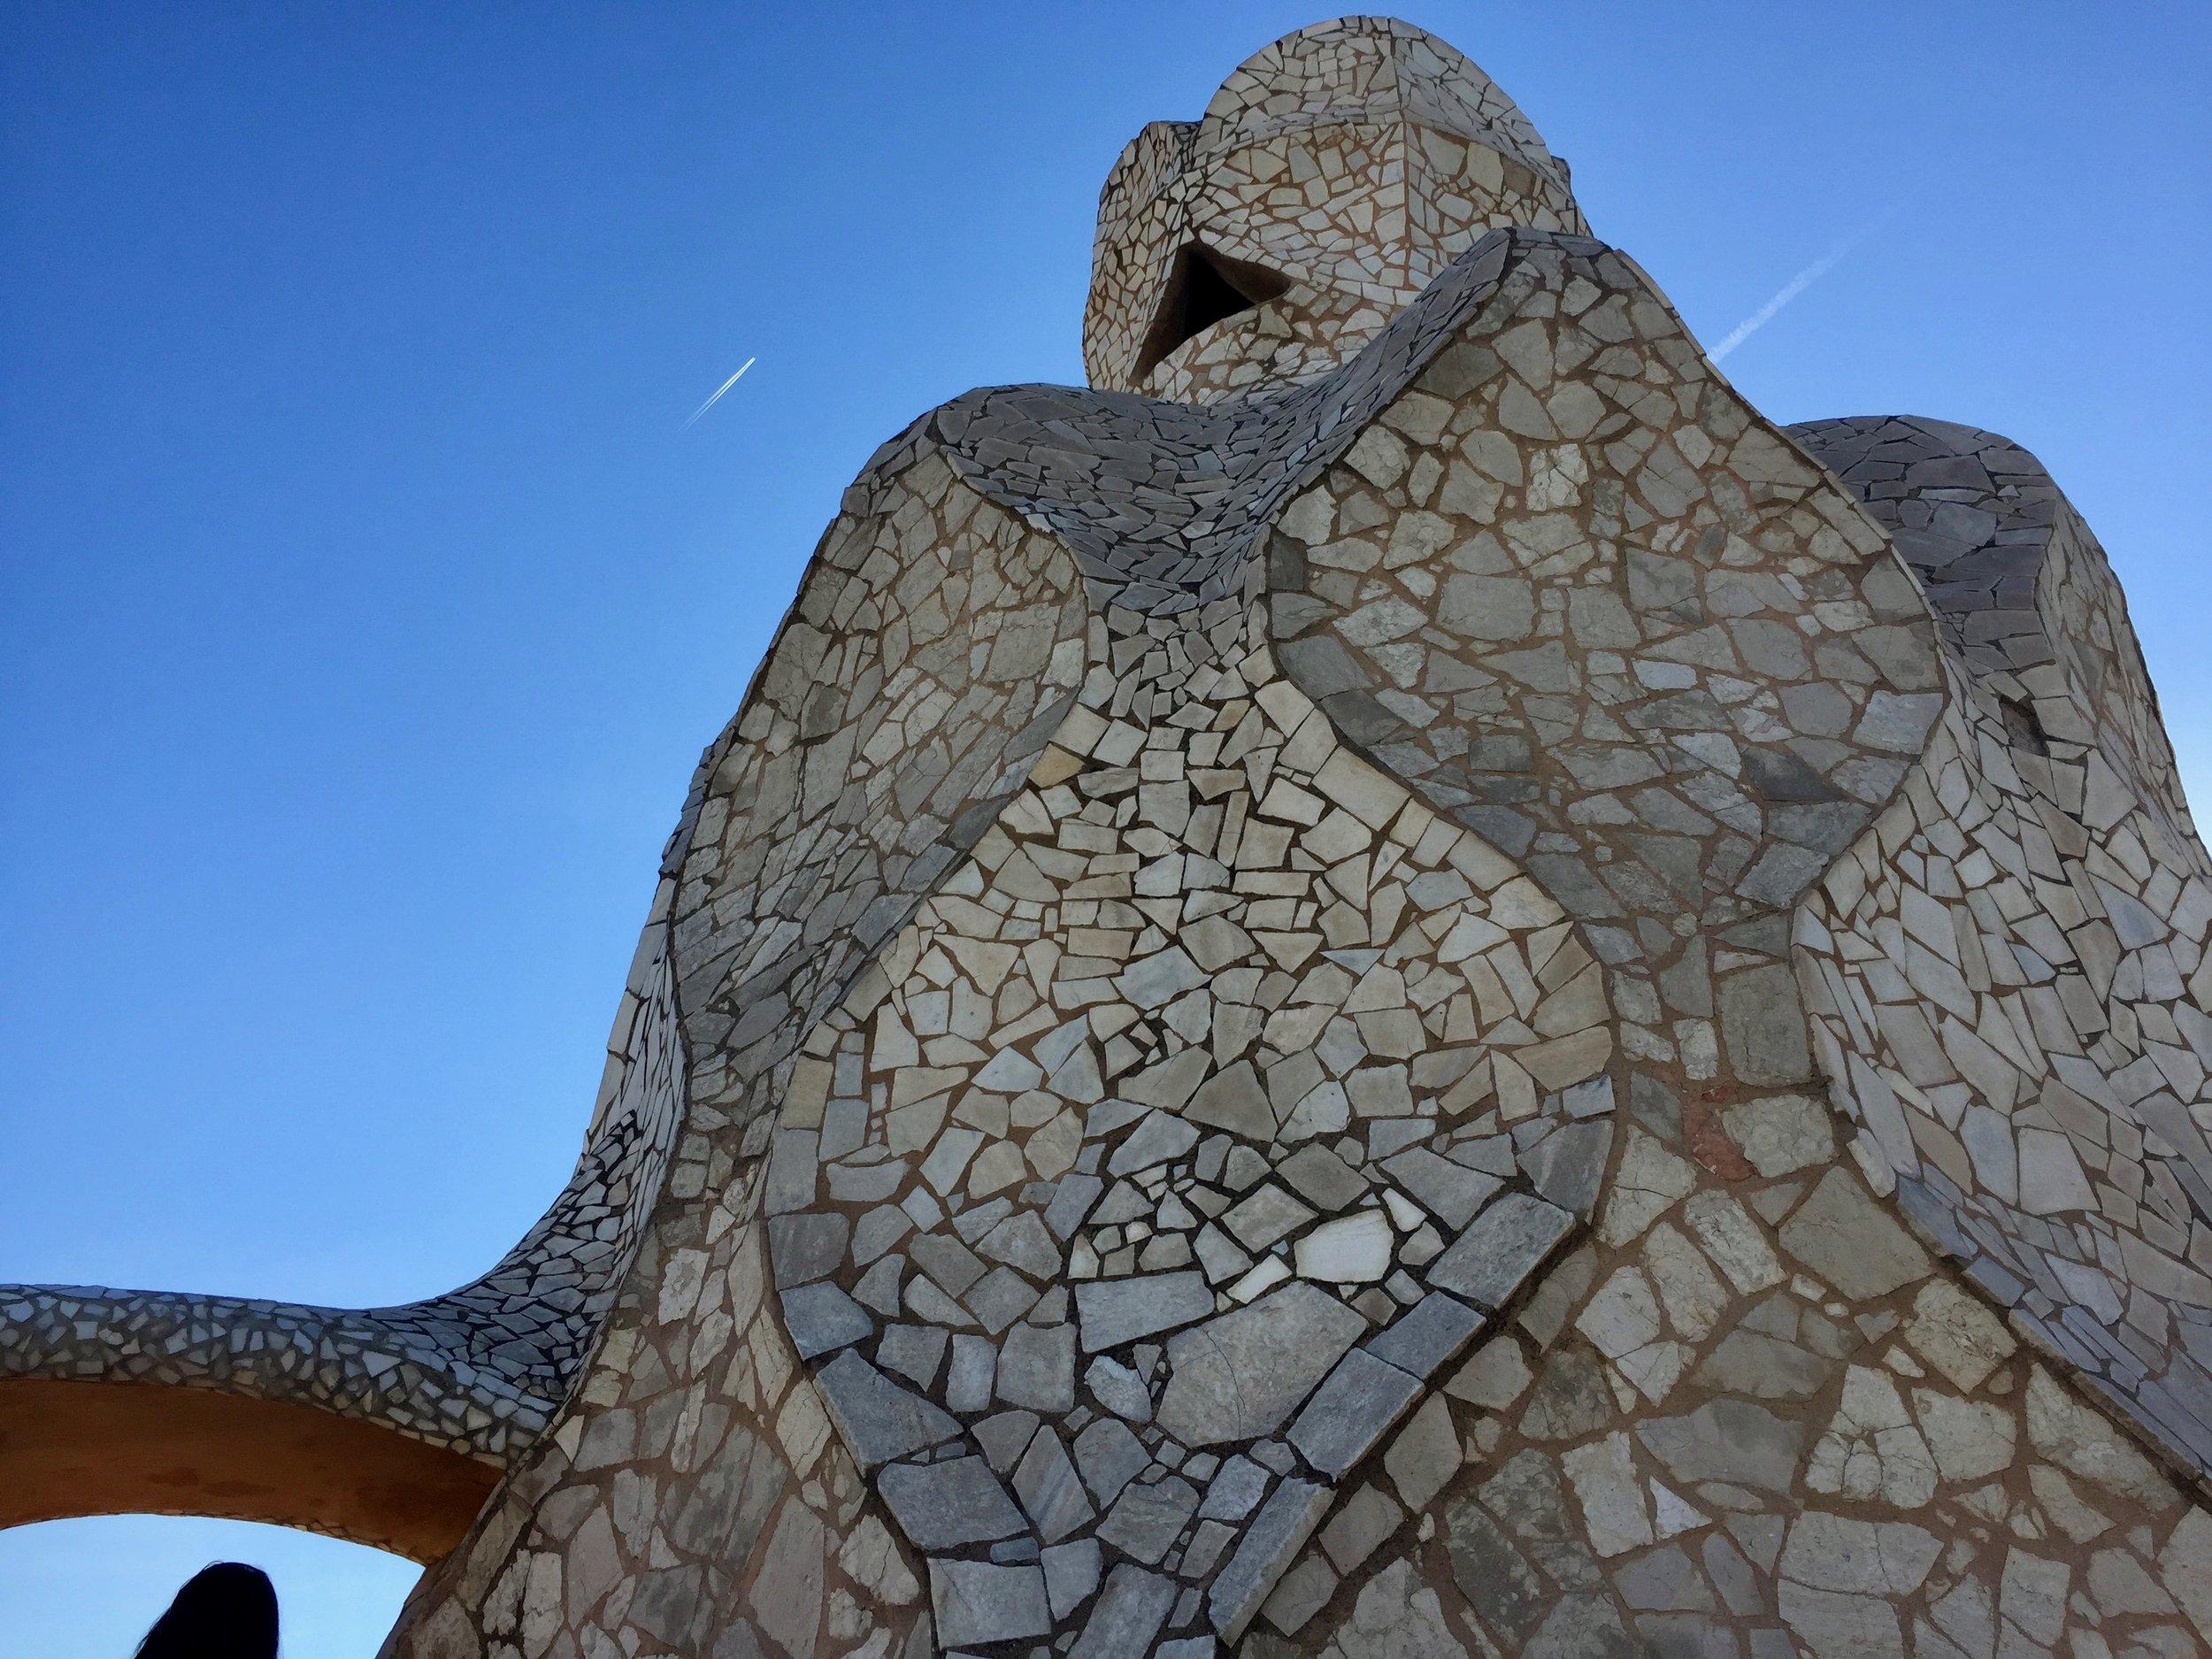 Barcelona Spain Gaudi rooftop.jpg